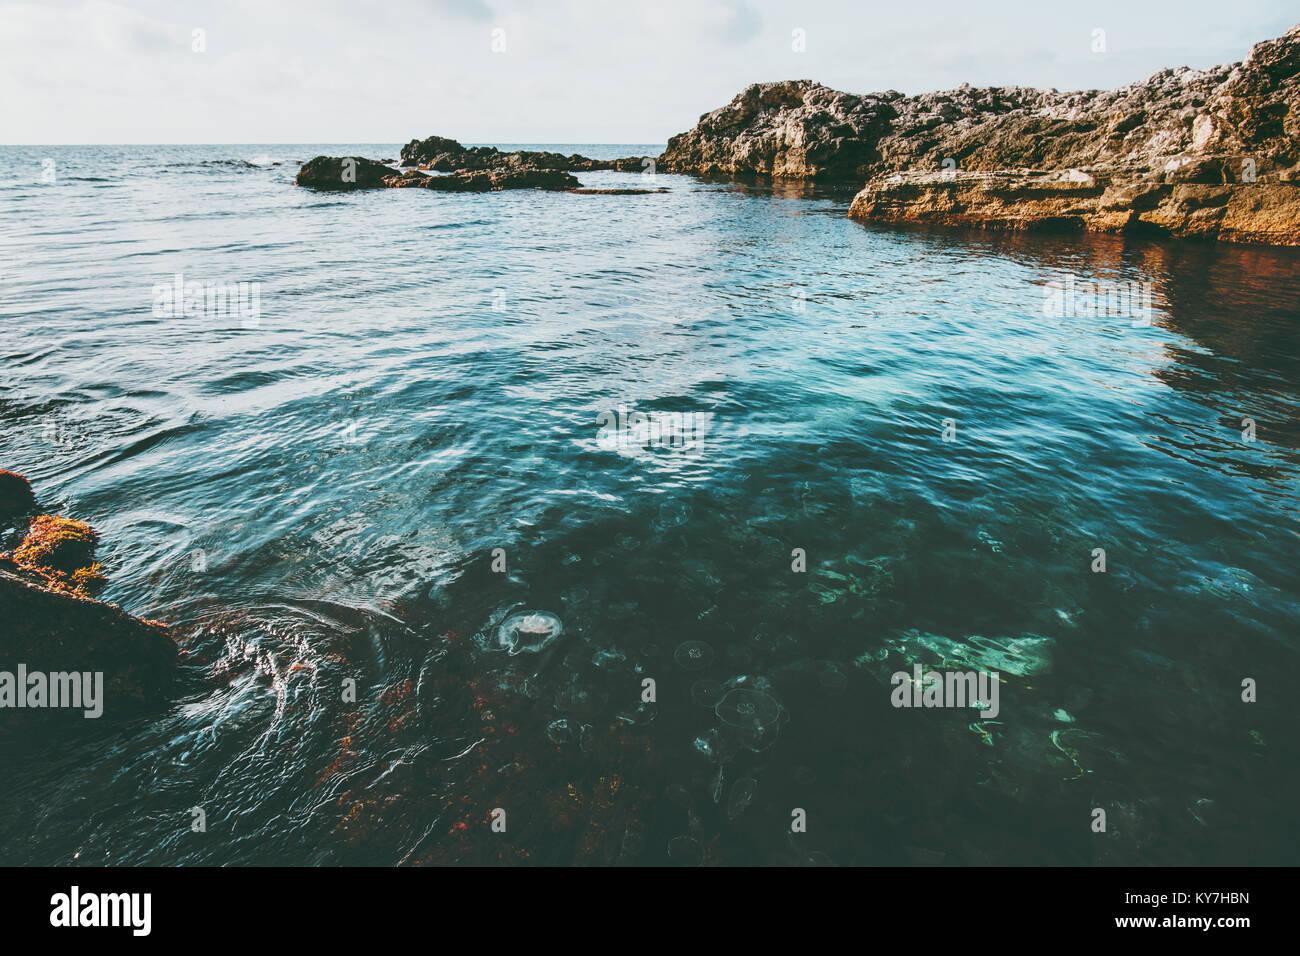 Mar azul y tranquilo paisaje costero rocoso escénicas vistas idílicas vacaciones viajes Imagen De Stock